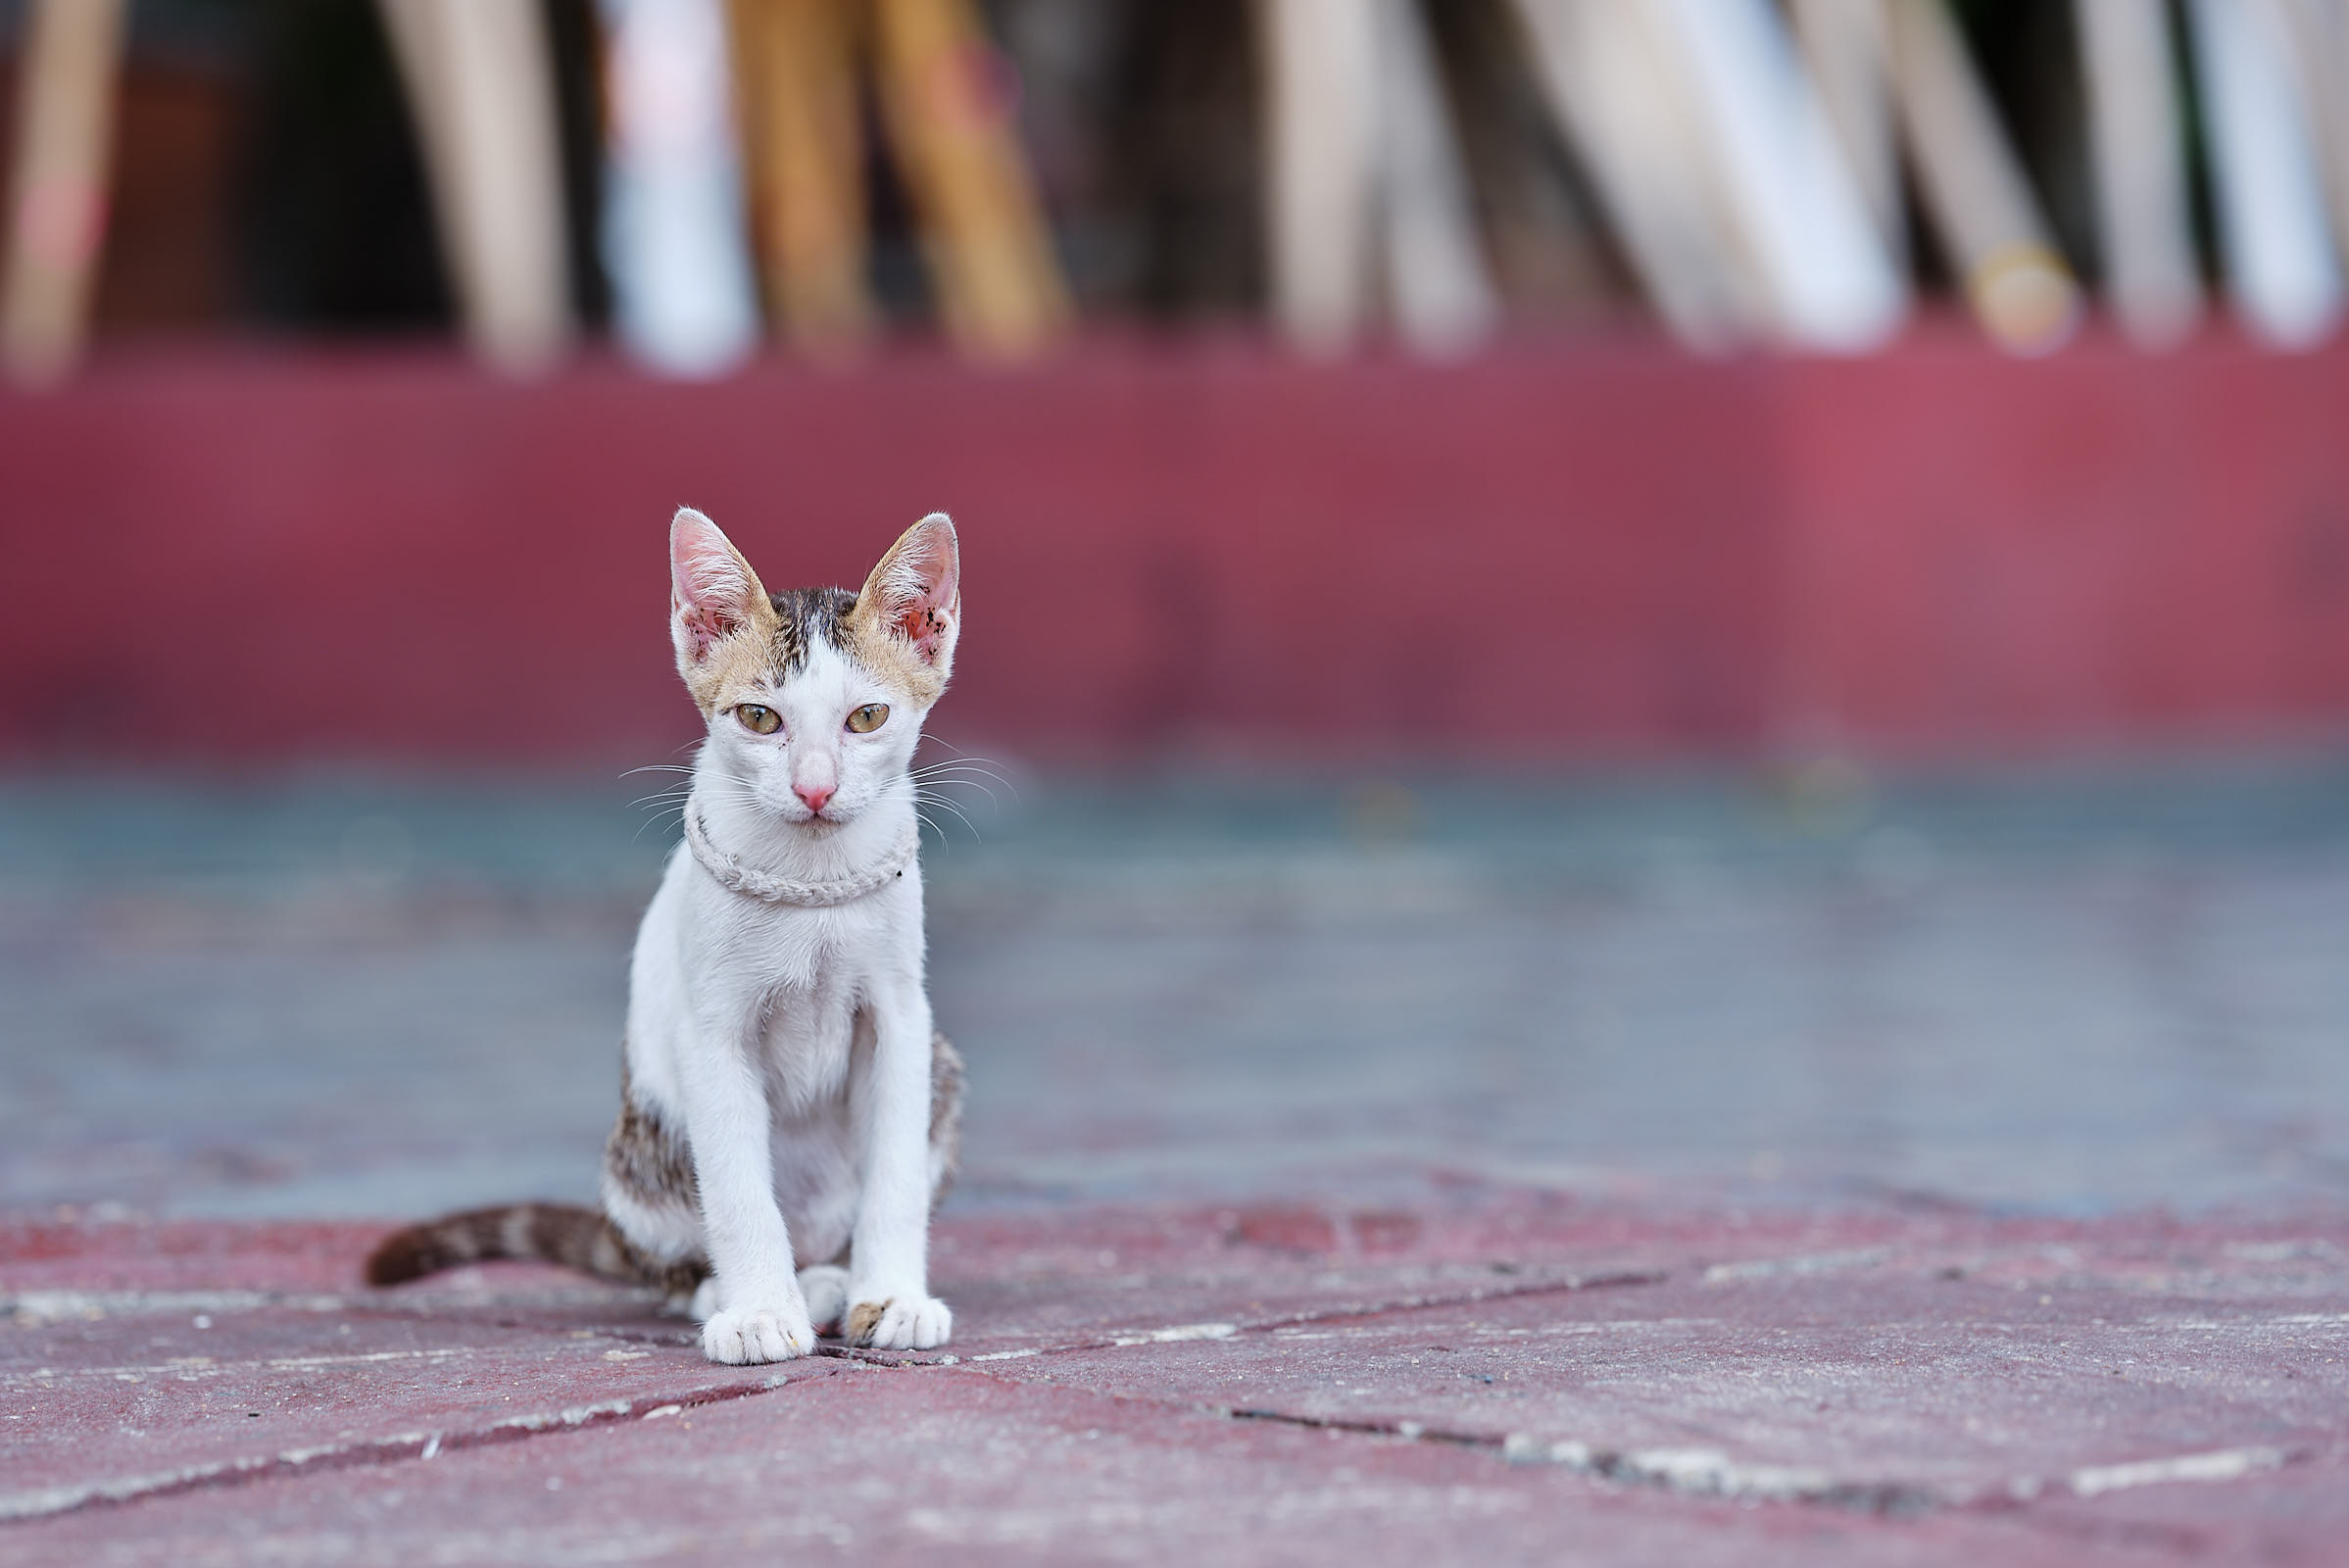 Cat at temple, Chiang Mai